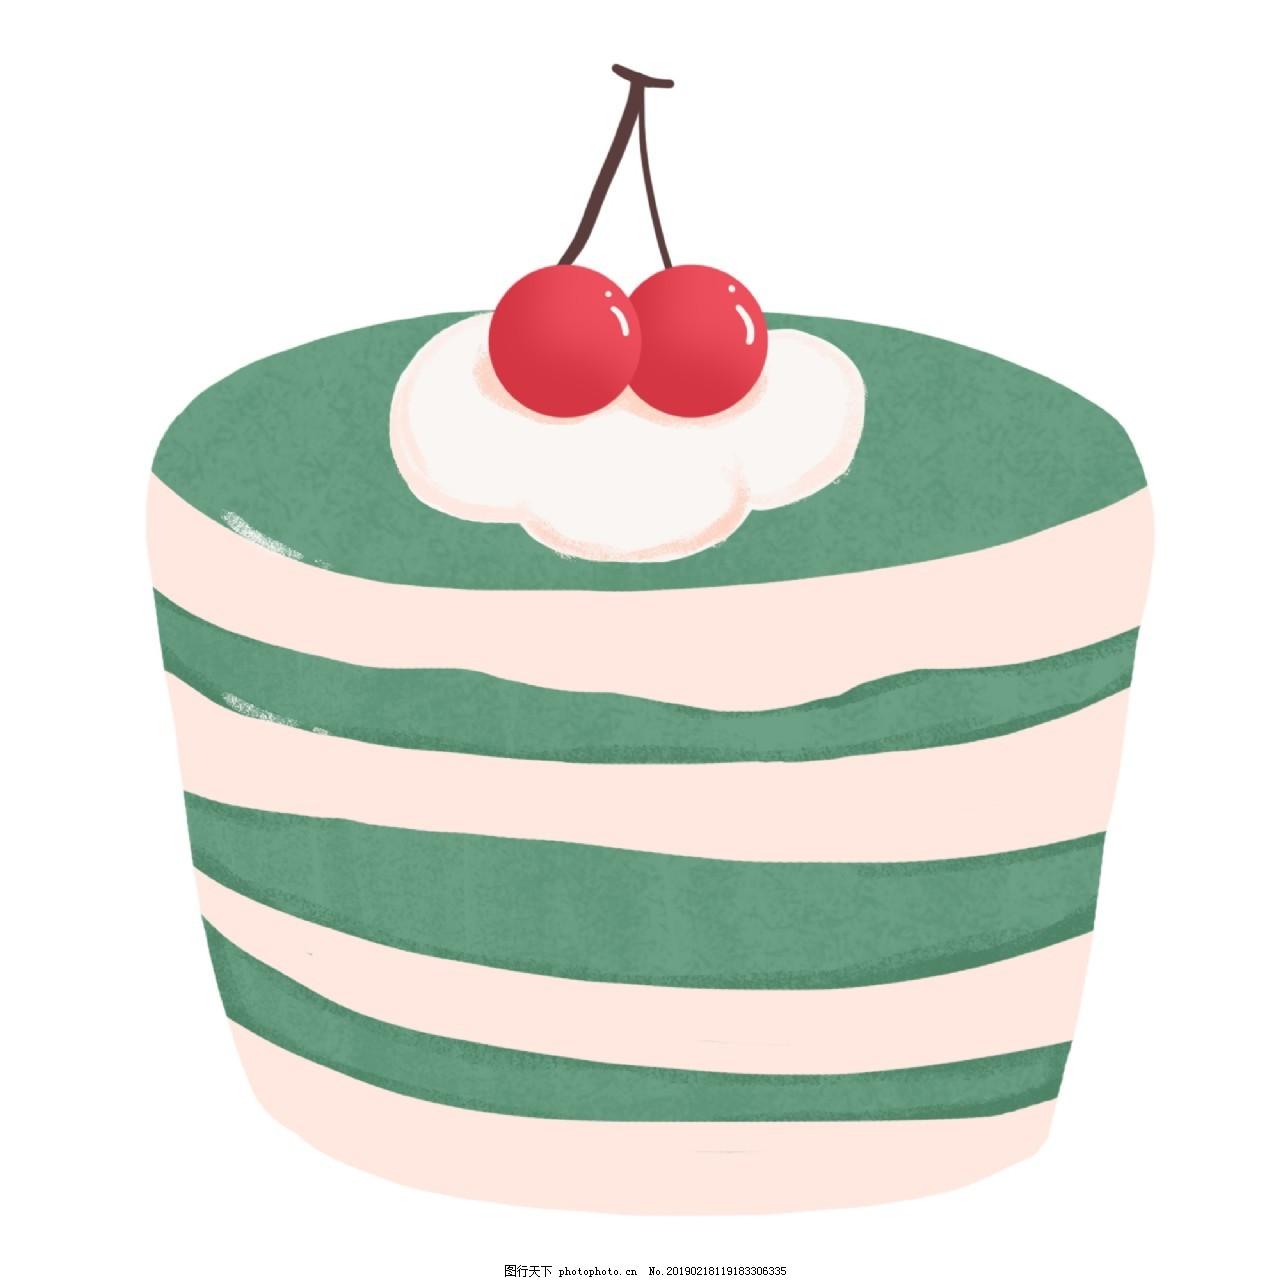 可爱抹茶蛋糕v蛋糕素材图片e52660平面设计机器图片